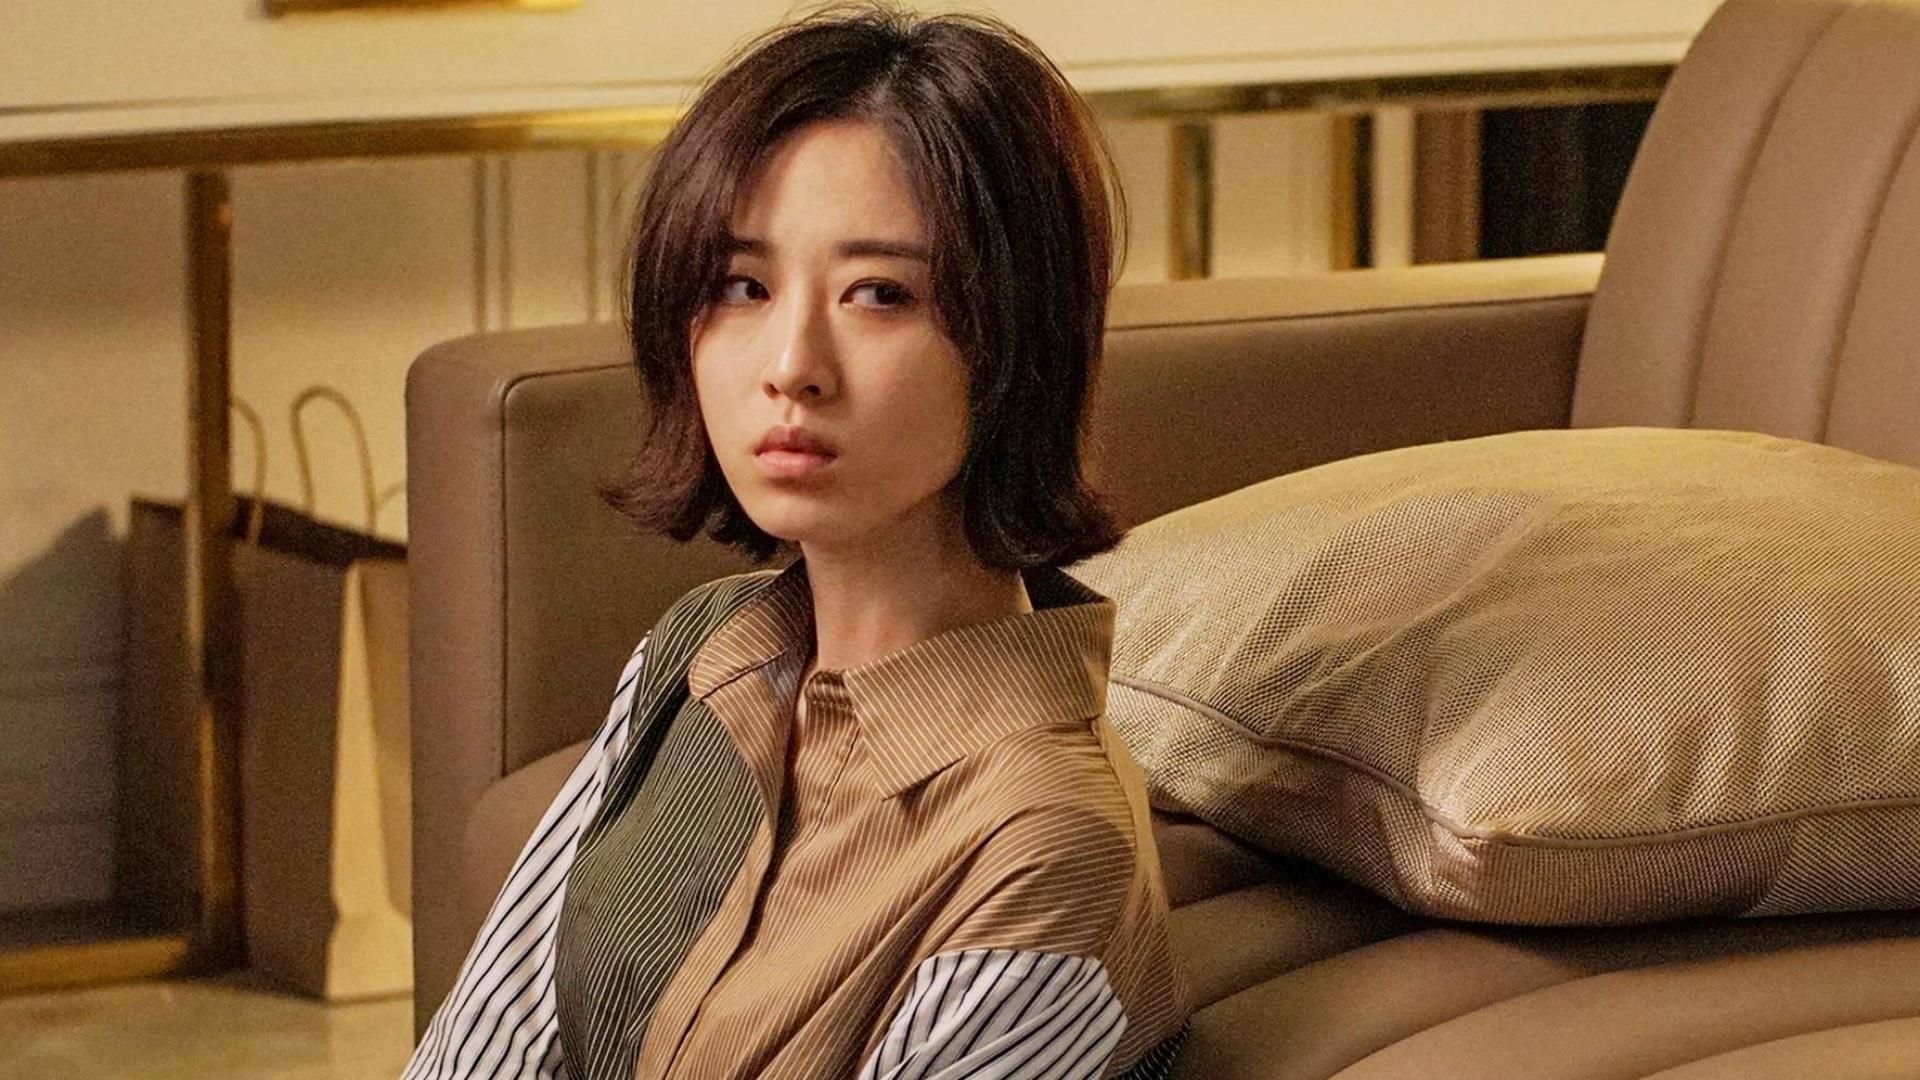 周末约片01,黄渤主演脑洞电影,中国演员在泰国翻拍了部印度电影!